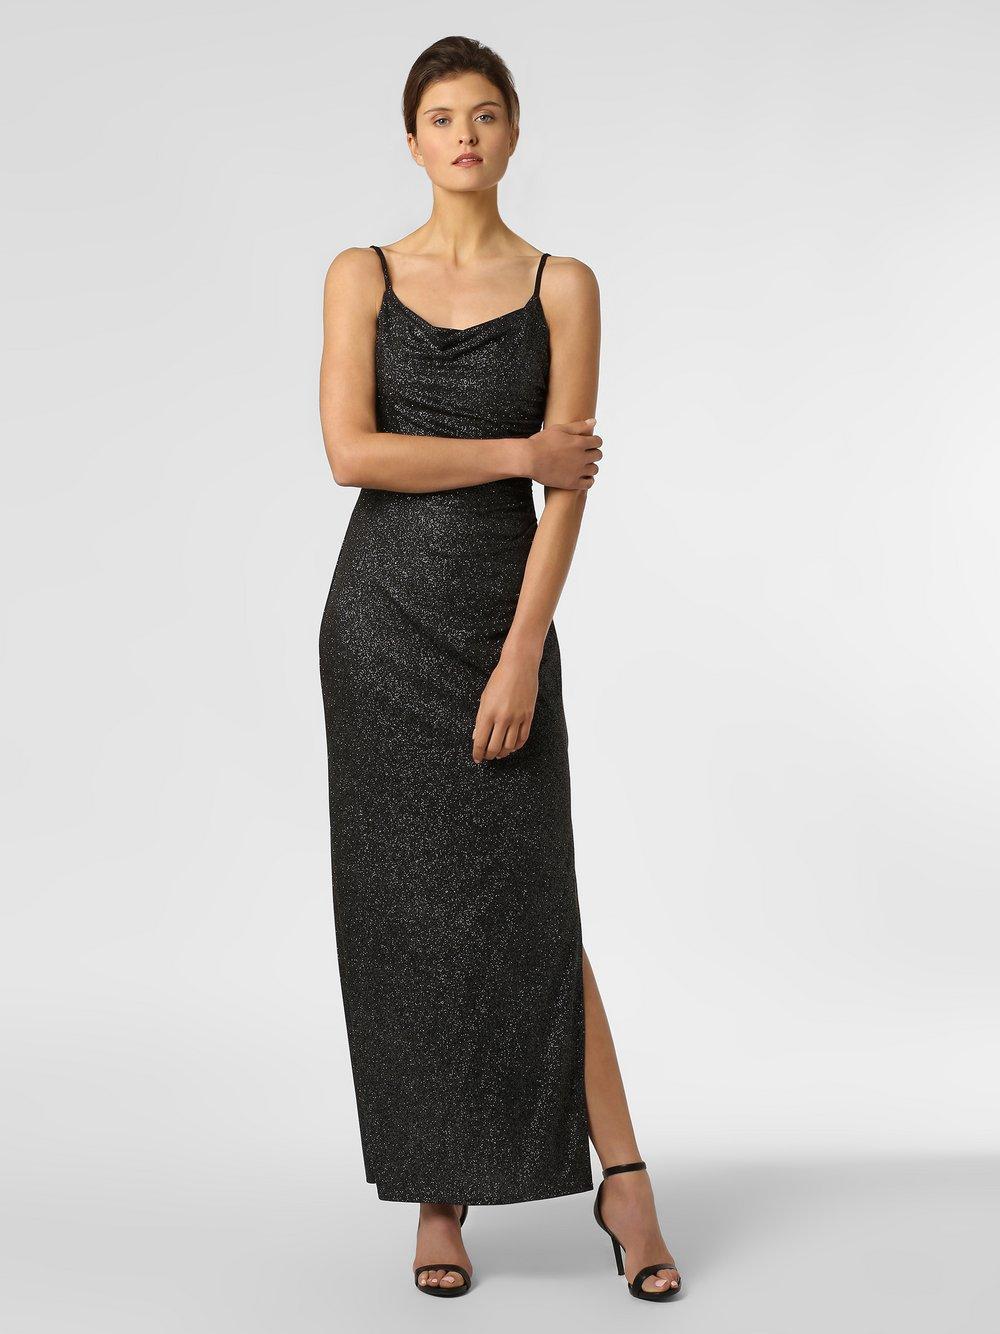 Marie Lund - Damska sukienka wieczorowa, czarny